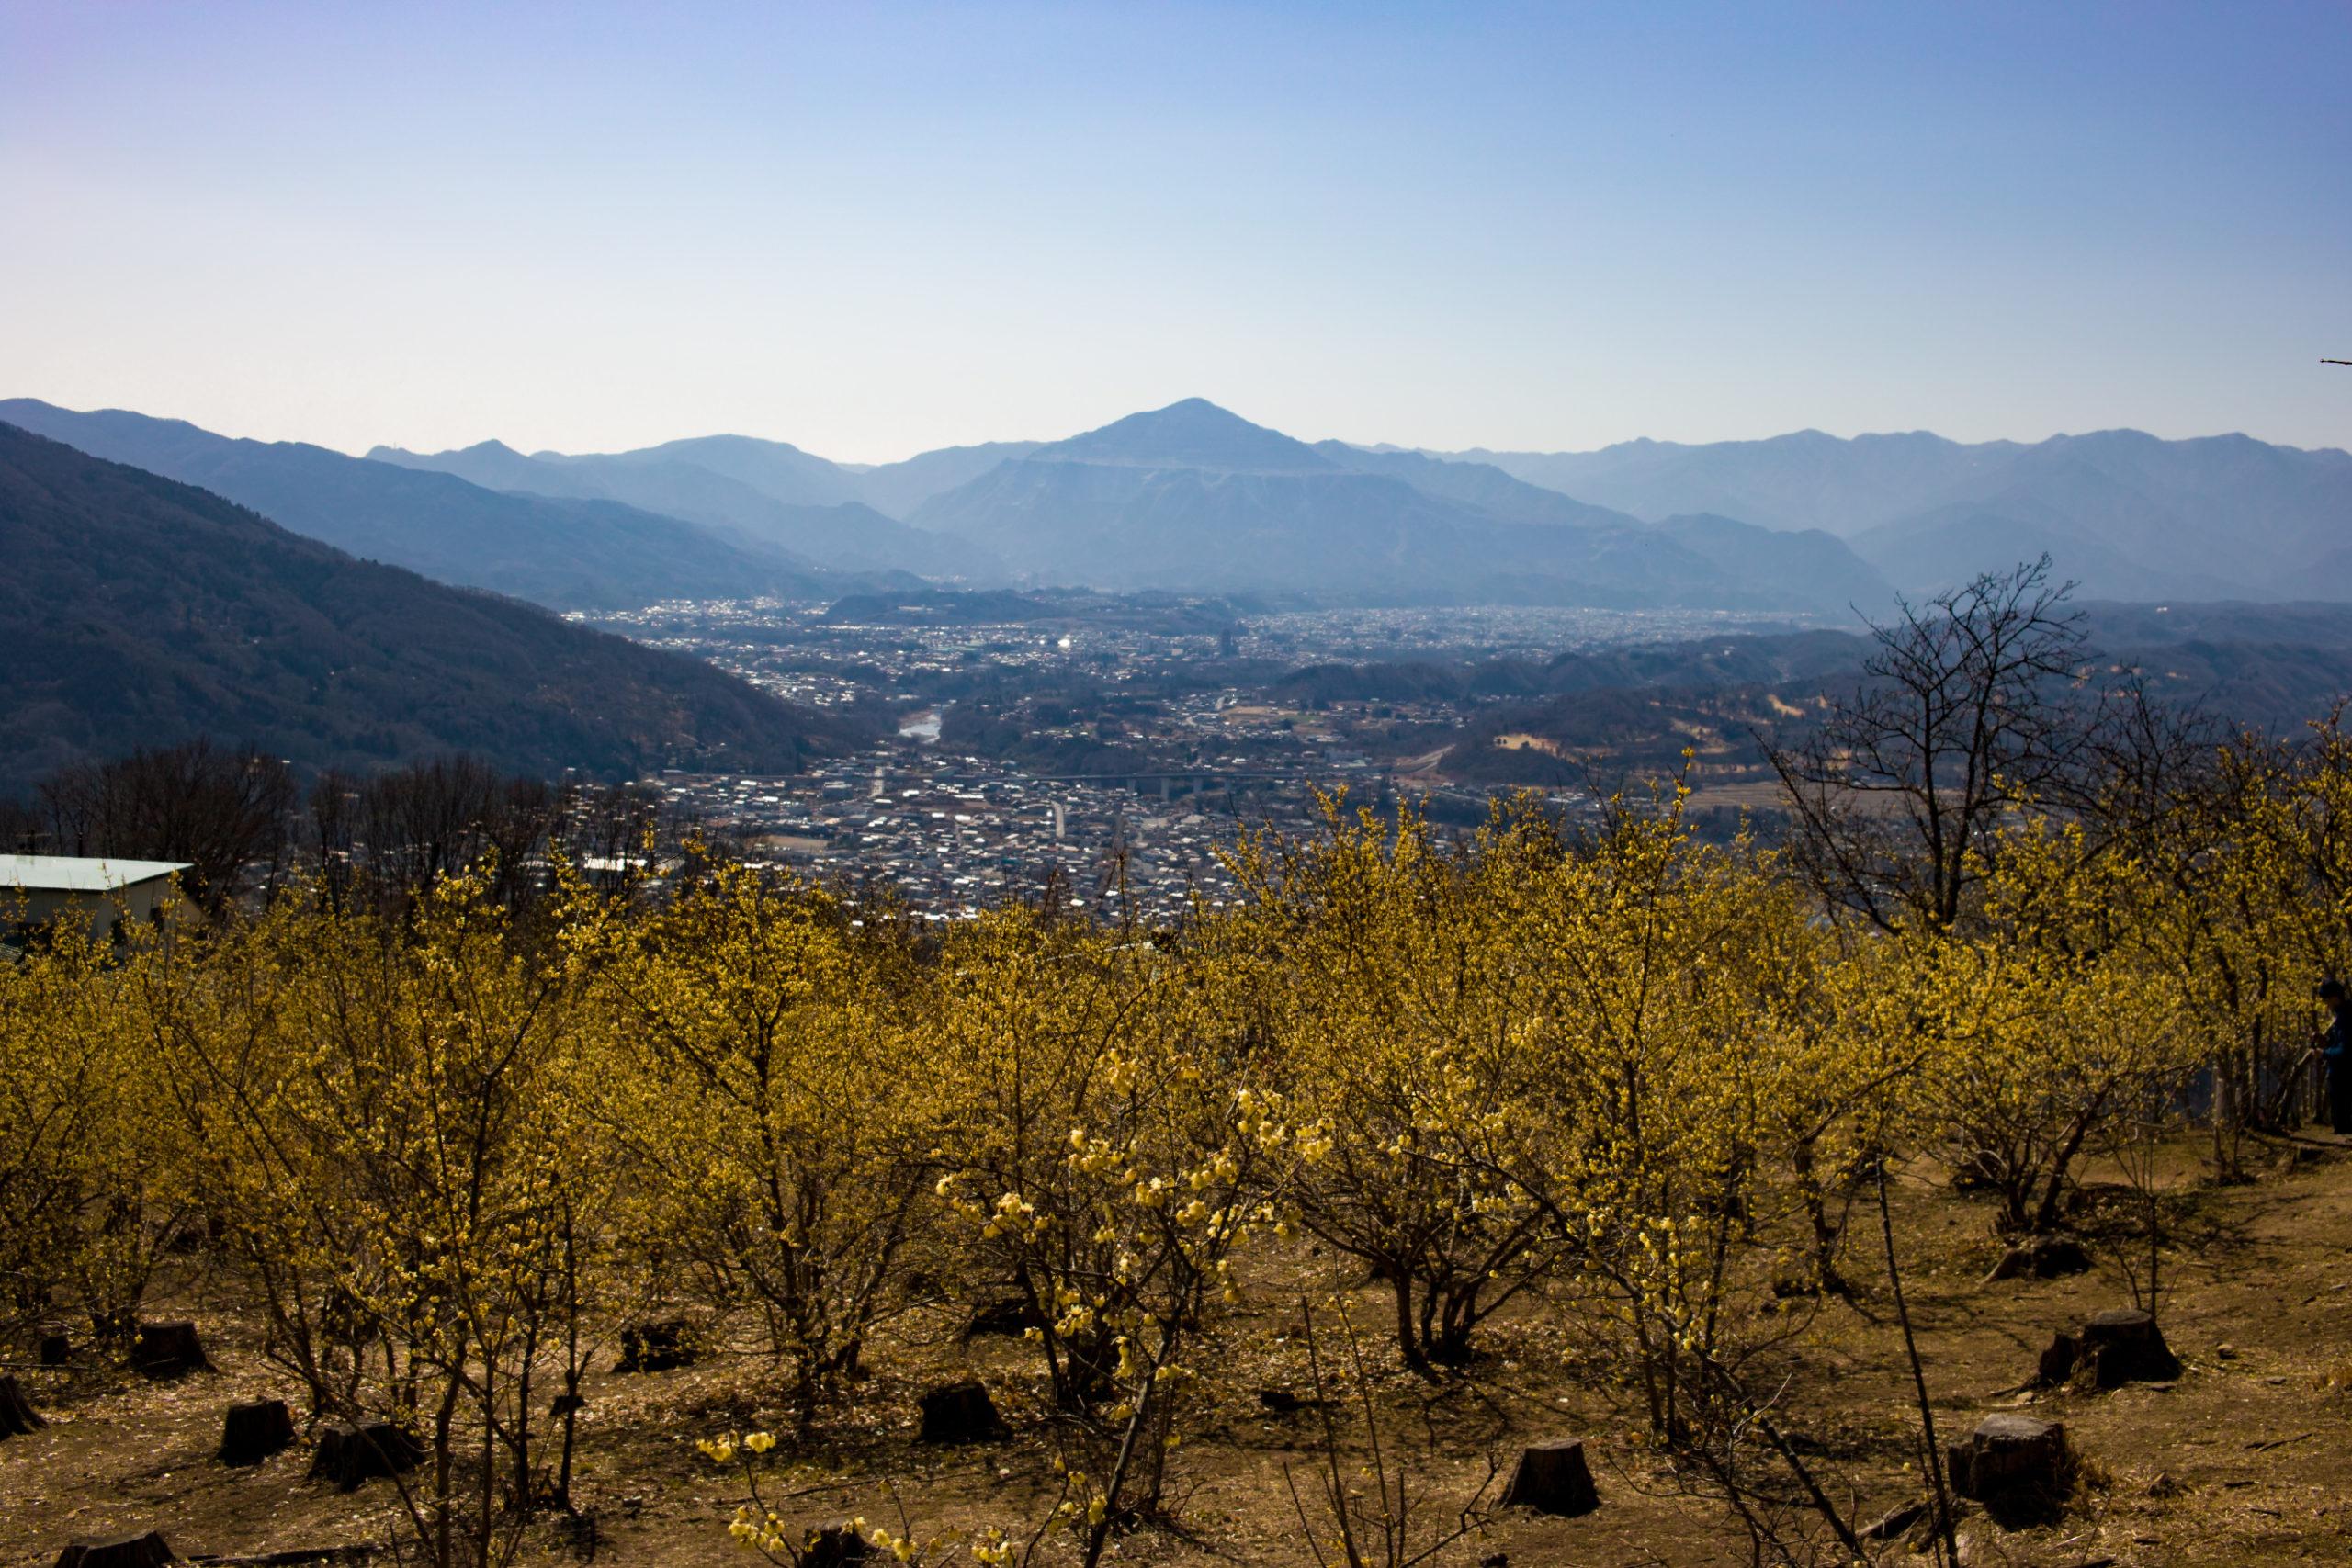 ロウバイと武甲山